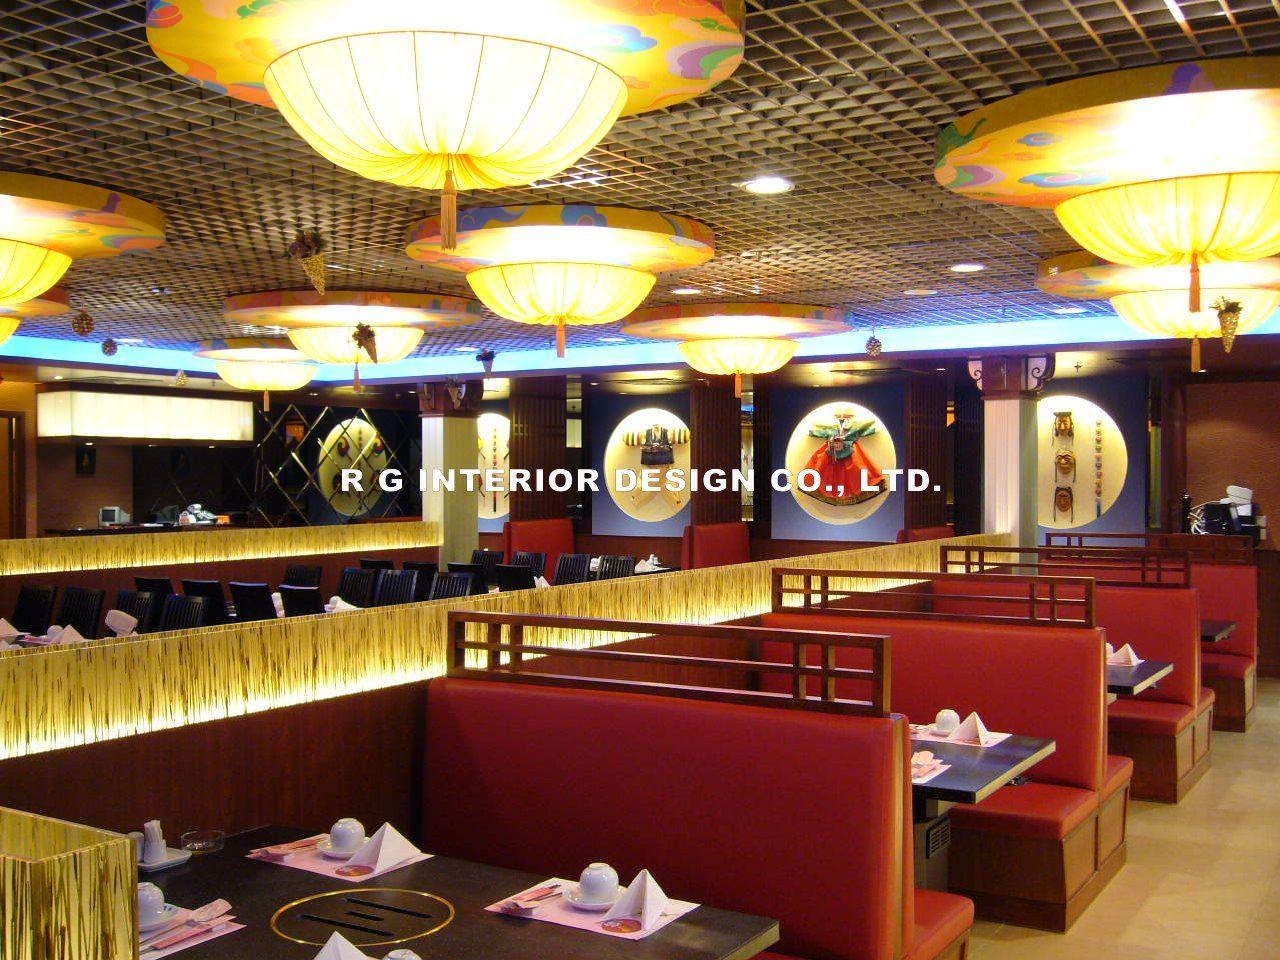 korean interior design - 1000+ images about estaurant Interiors on Pinterest estaurant ...